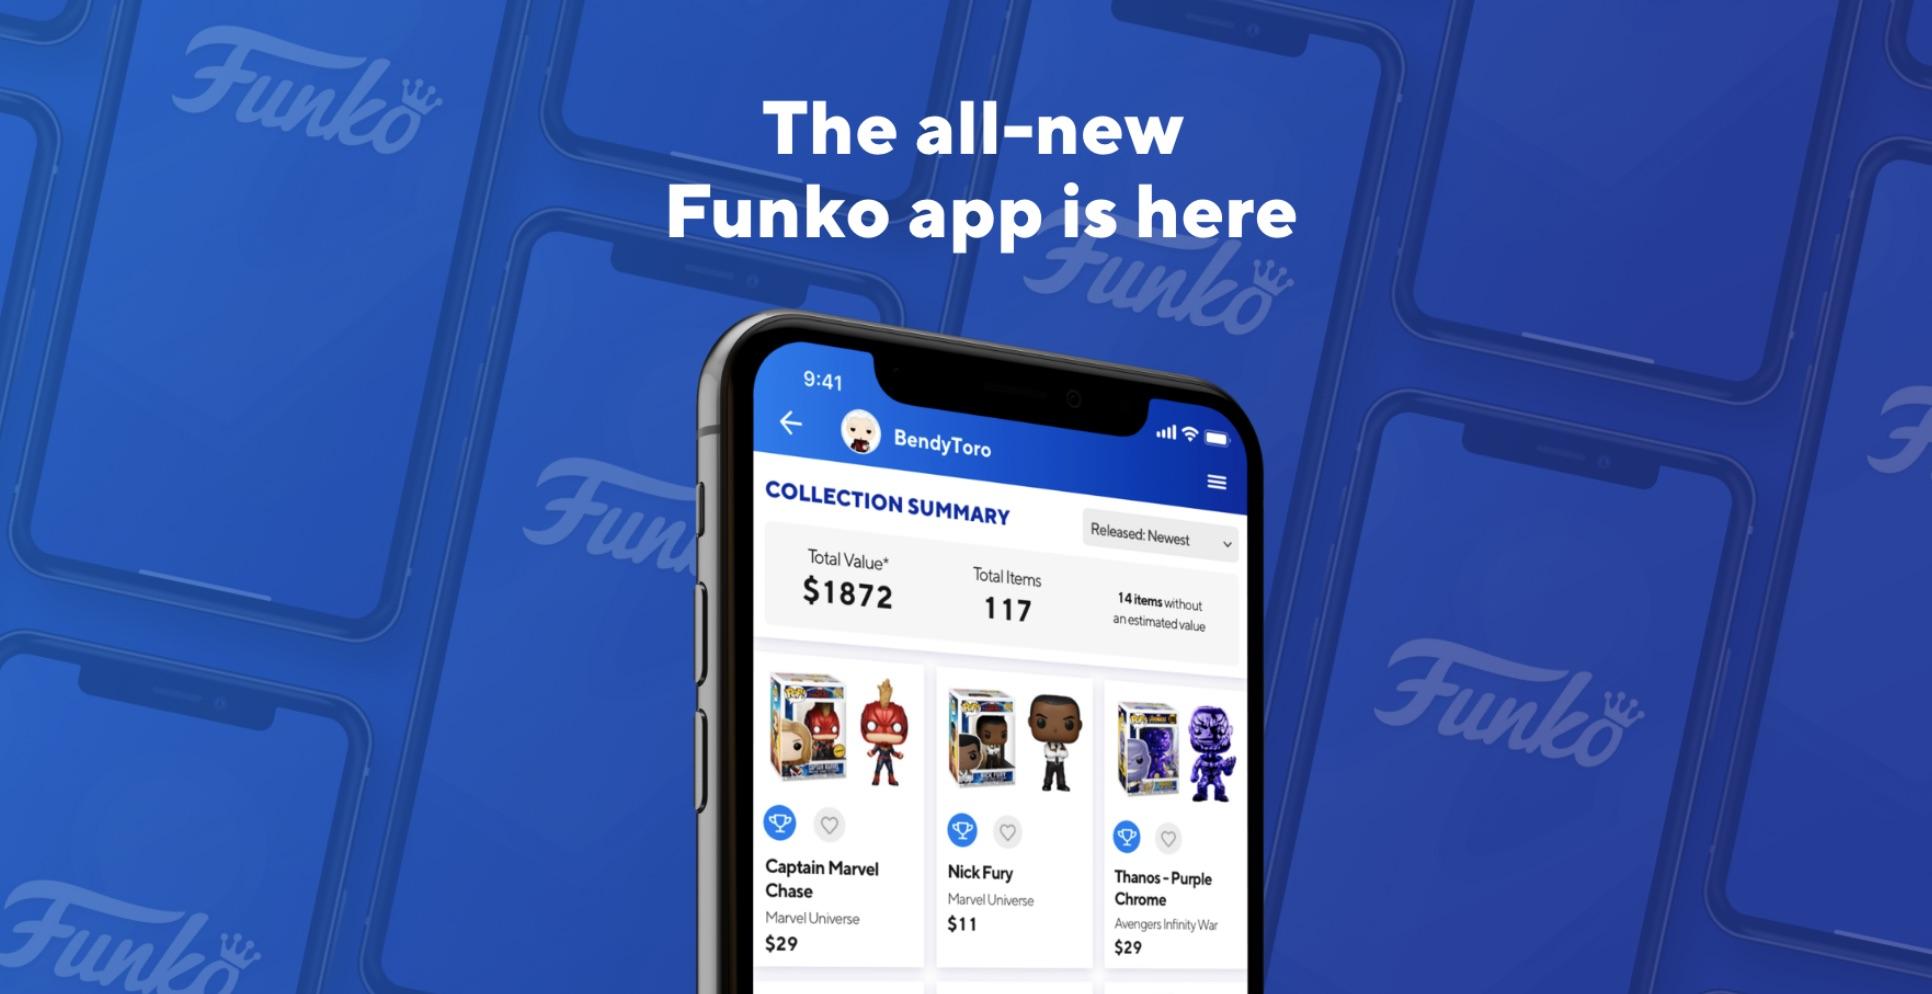 Funko rilascia un'app ufficiale per gestire la propria collezione e verificarne il valore